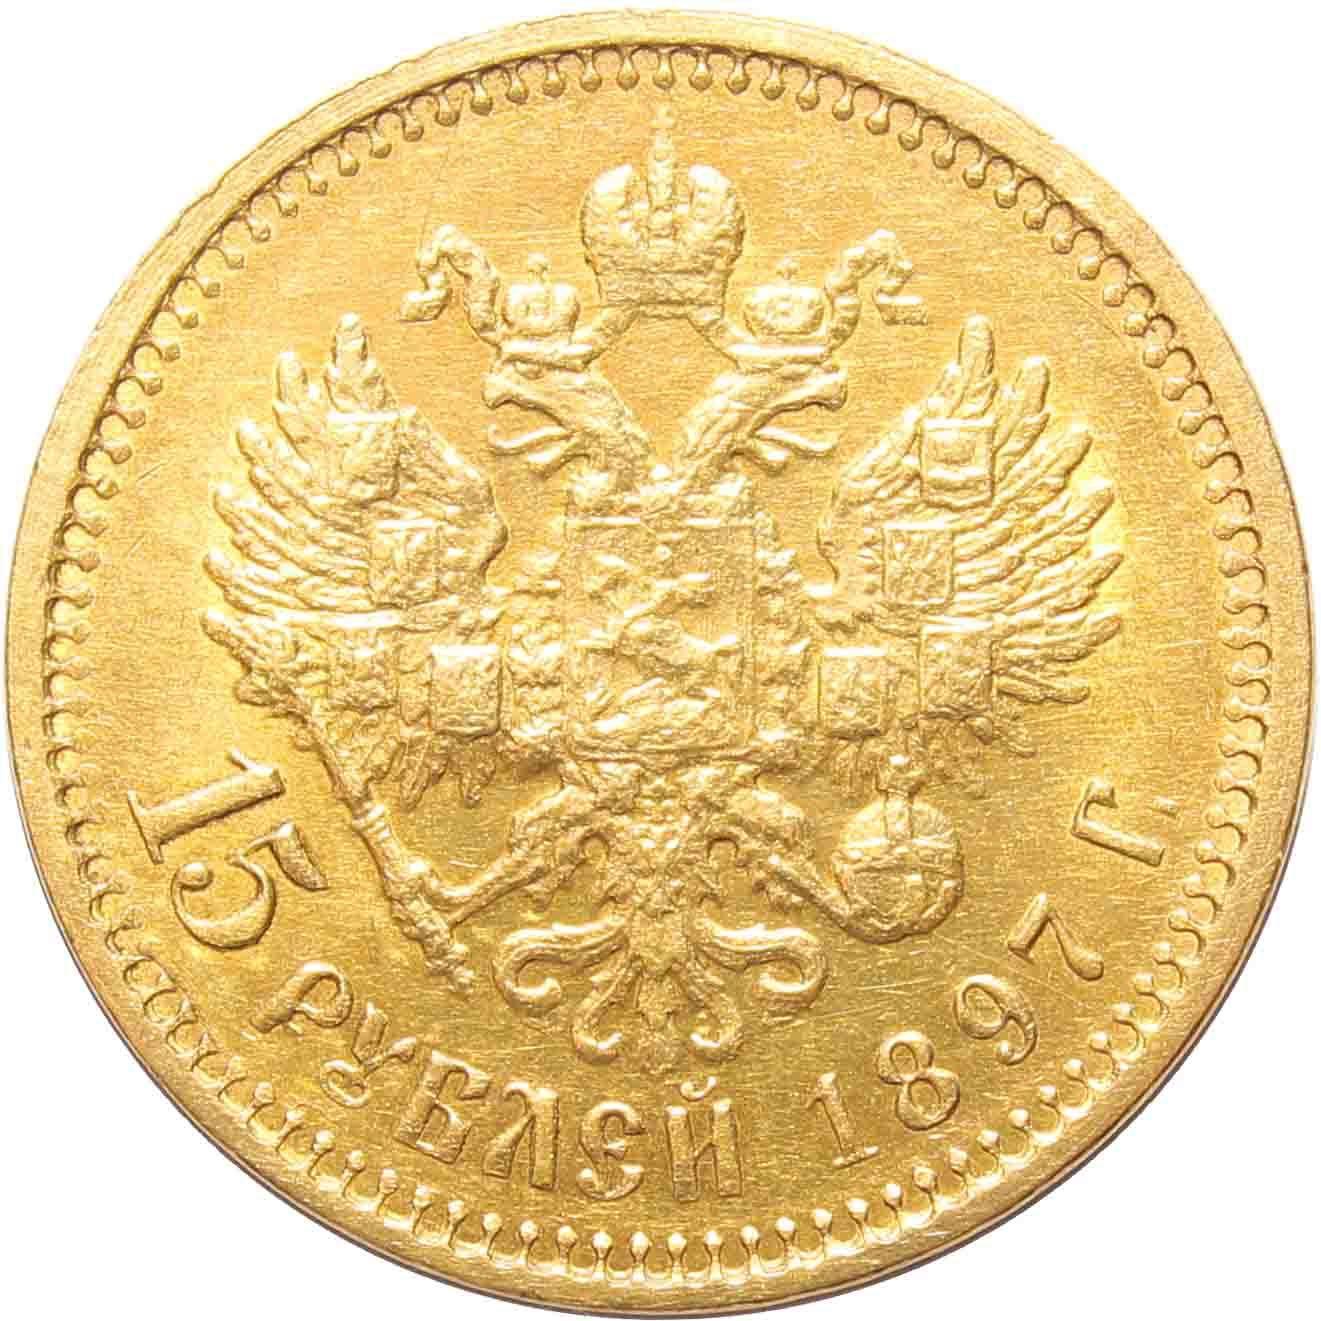 15 рублей. АГ. Николай II. 1897 год. XF